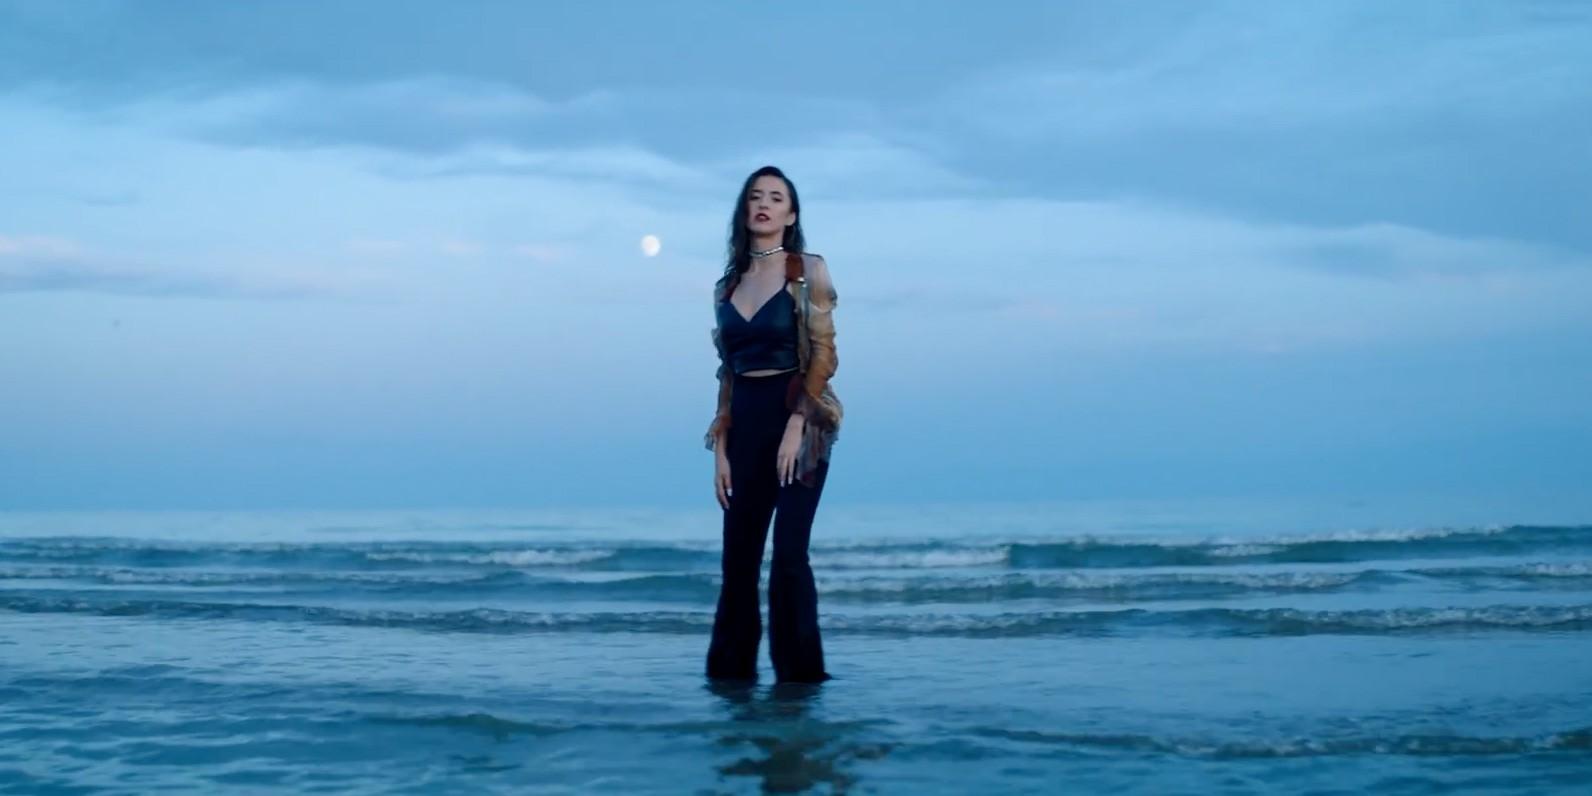 Казахстанская певица Райхана Мухлис выпустила дебютный клип